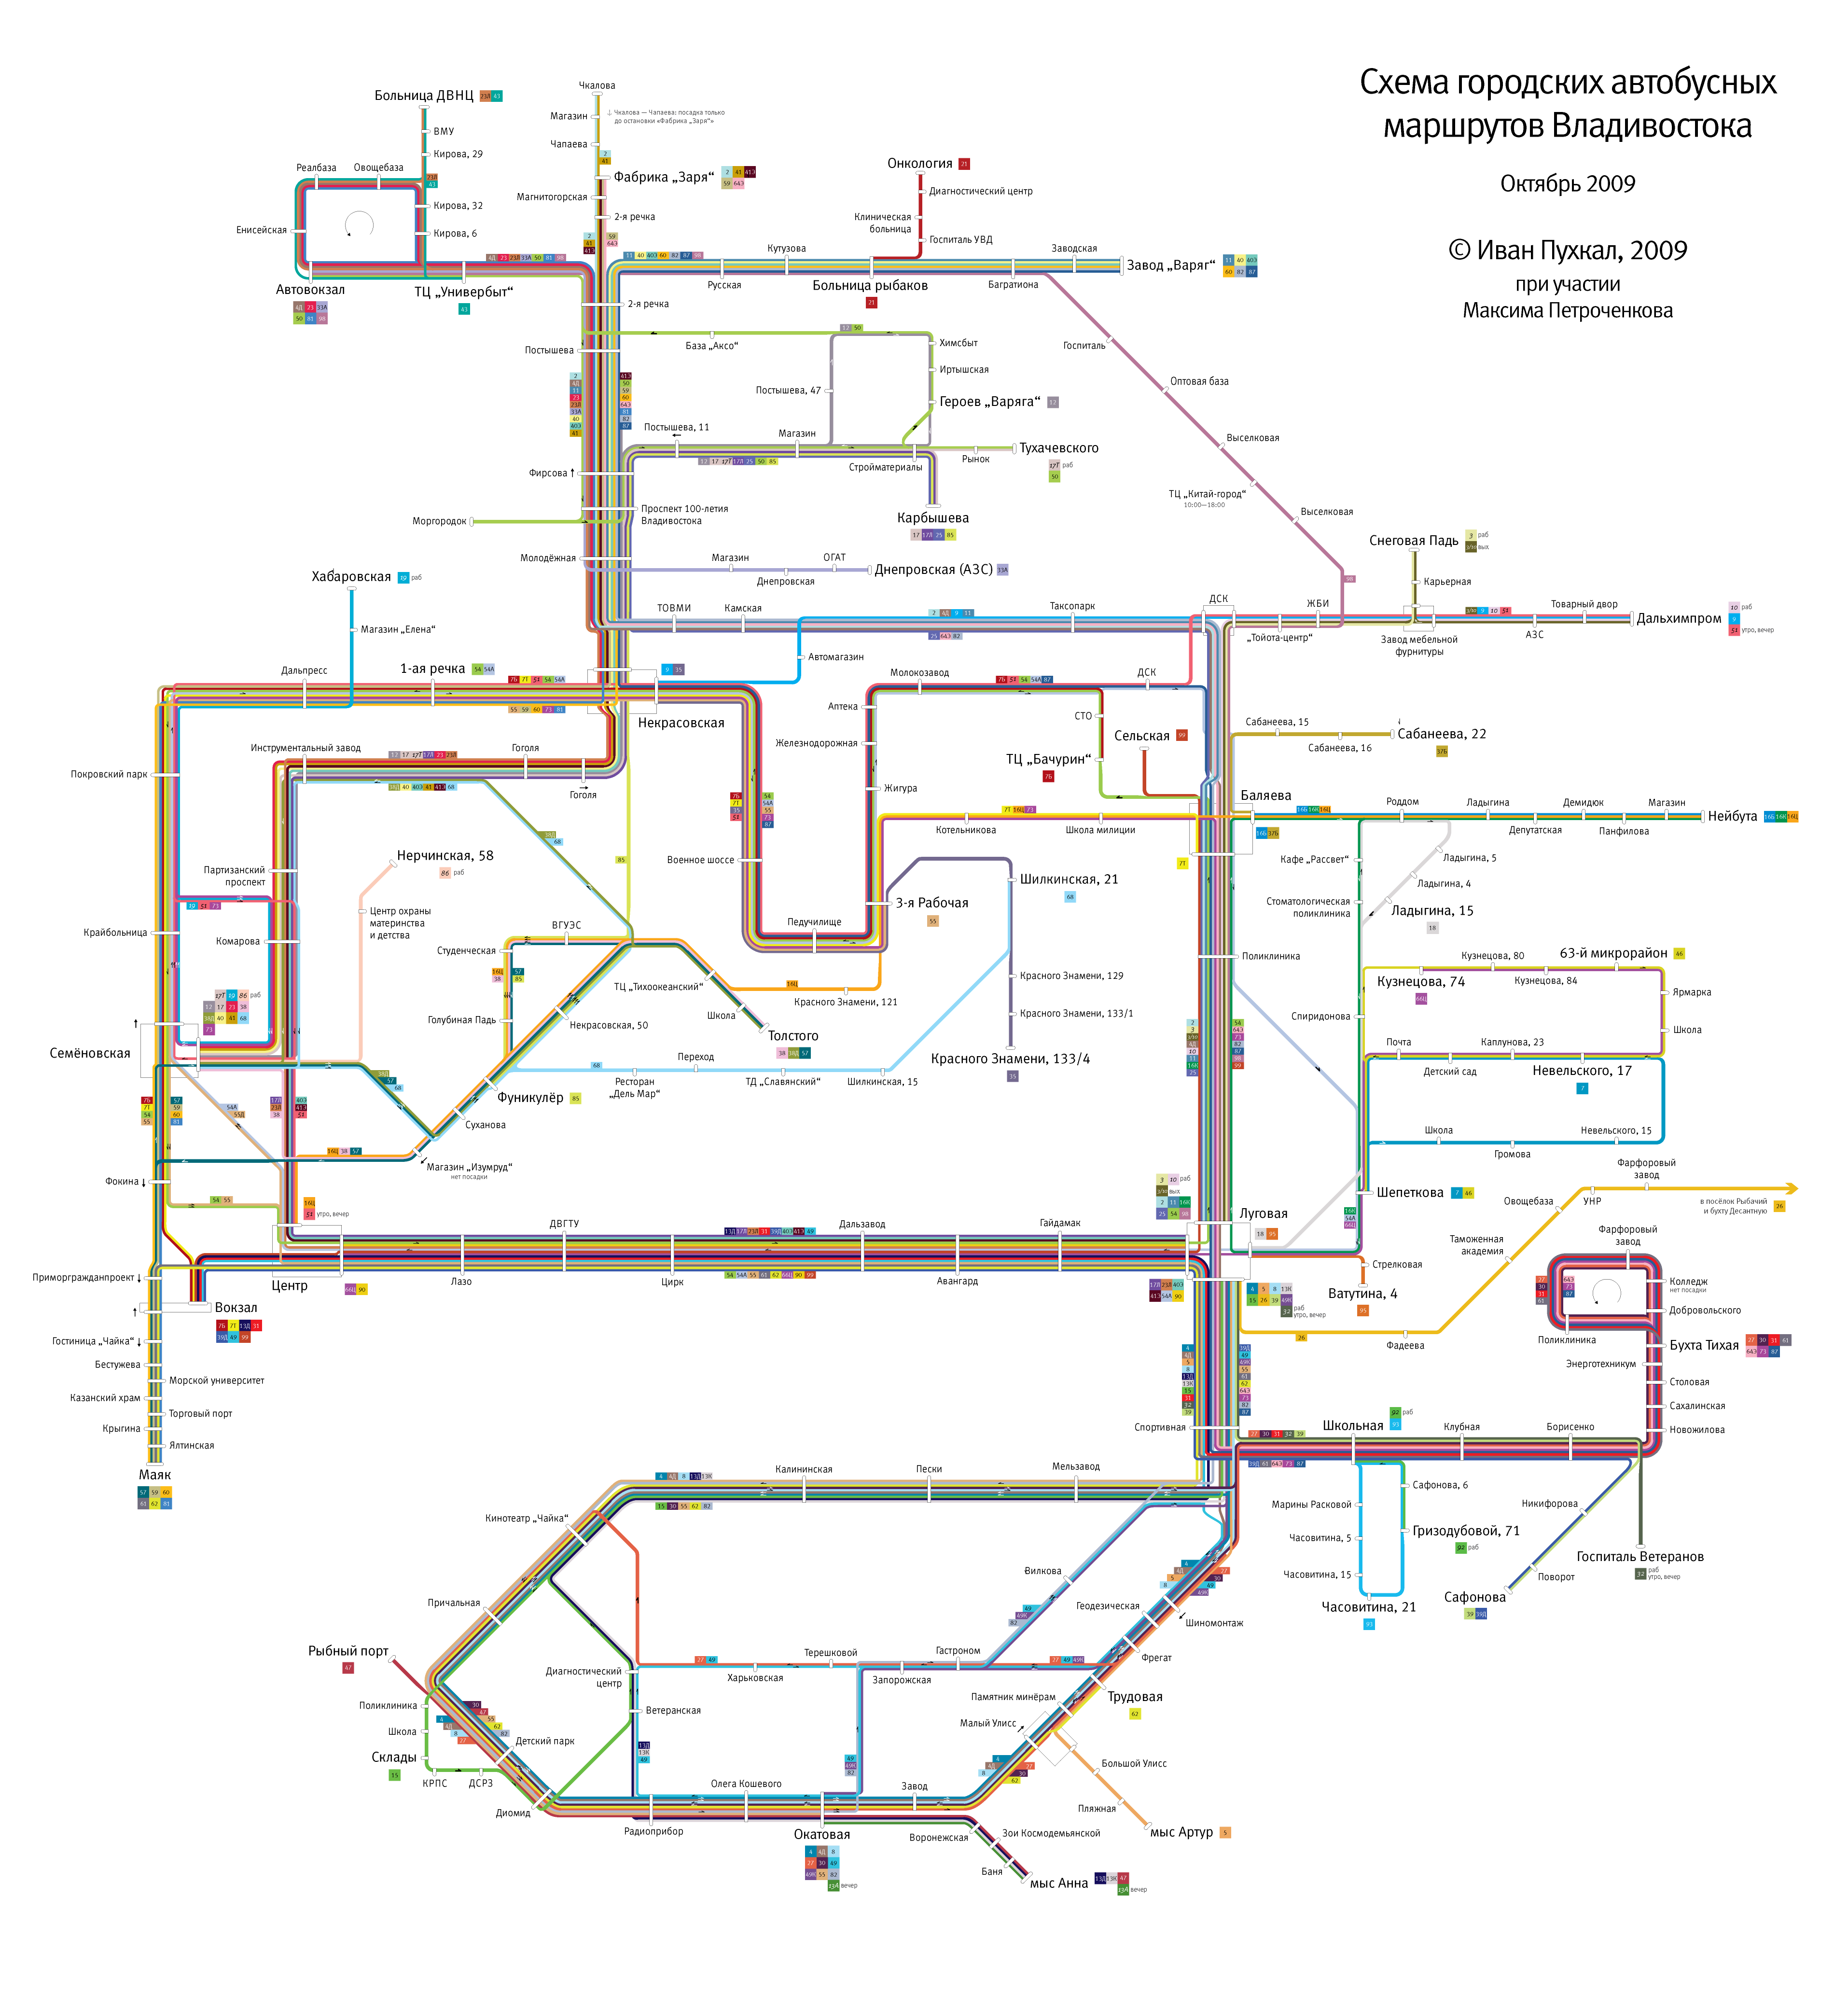 движения автобусов схема сургута городских